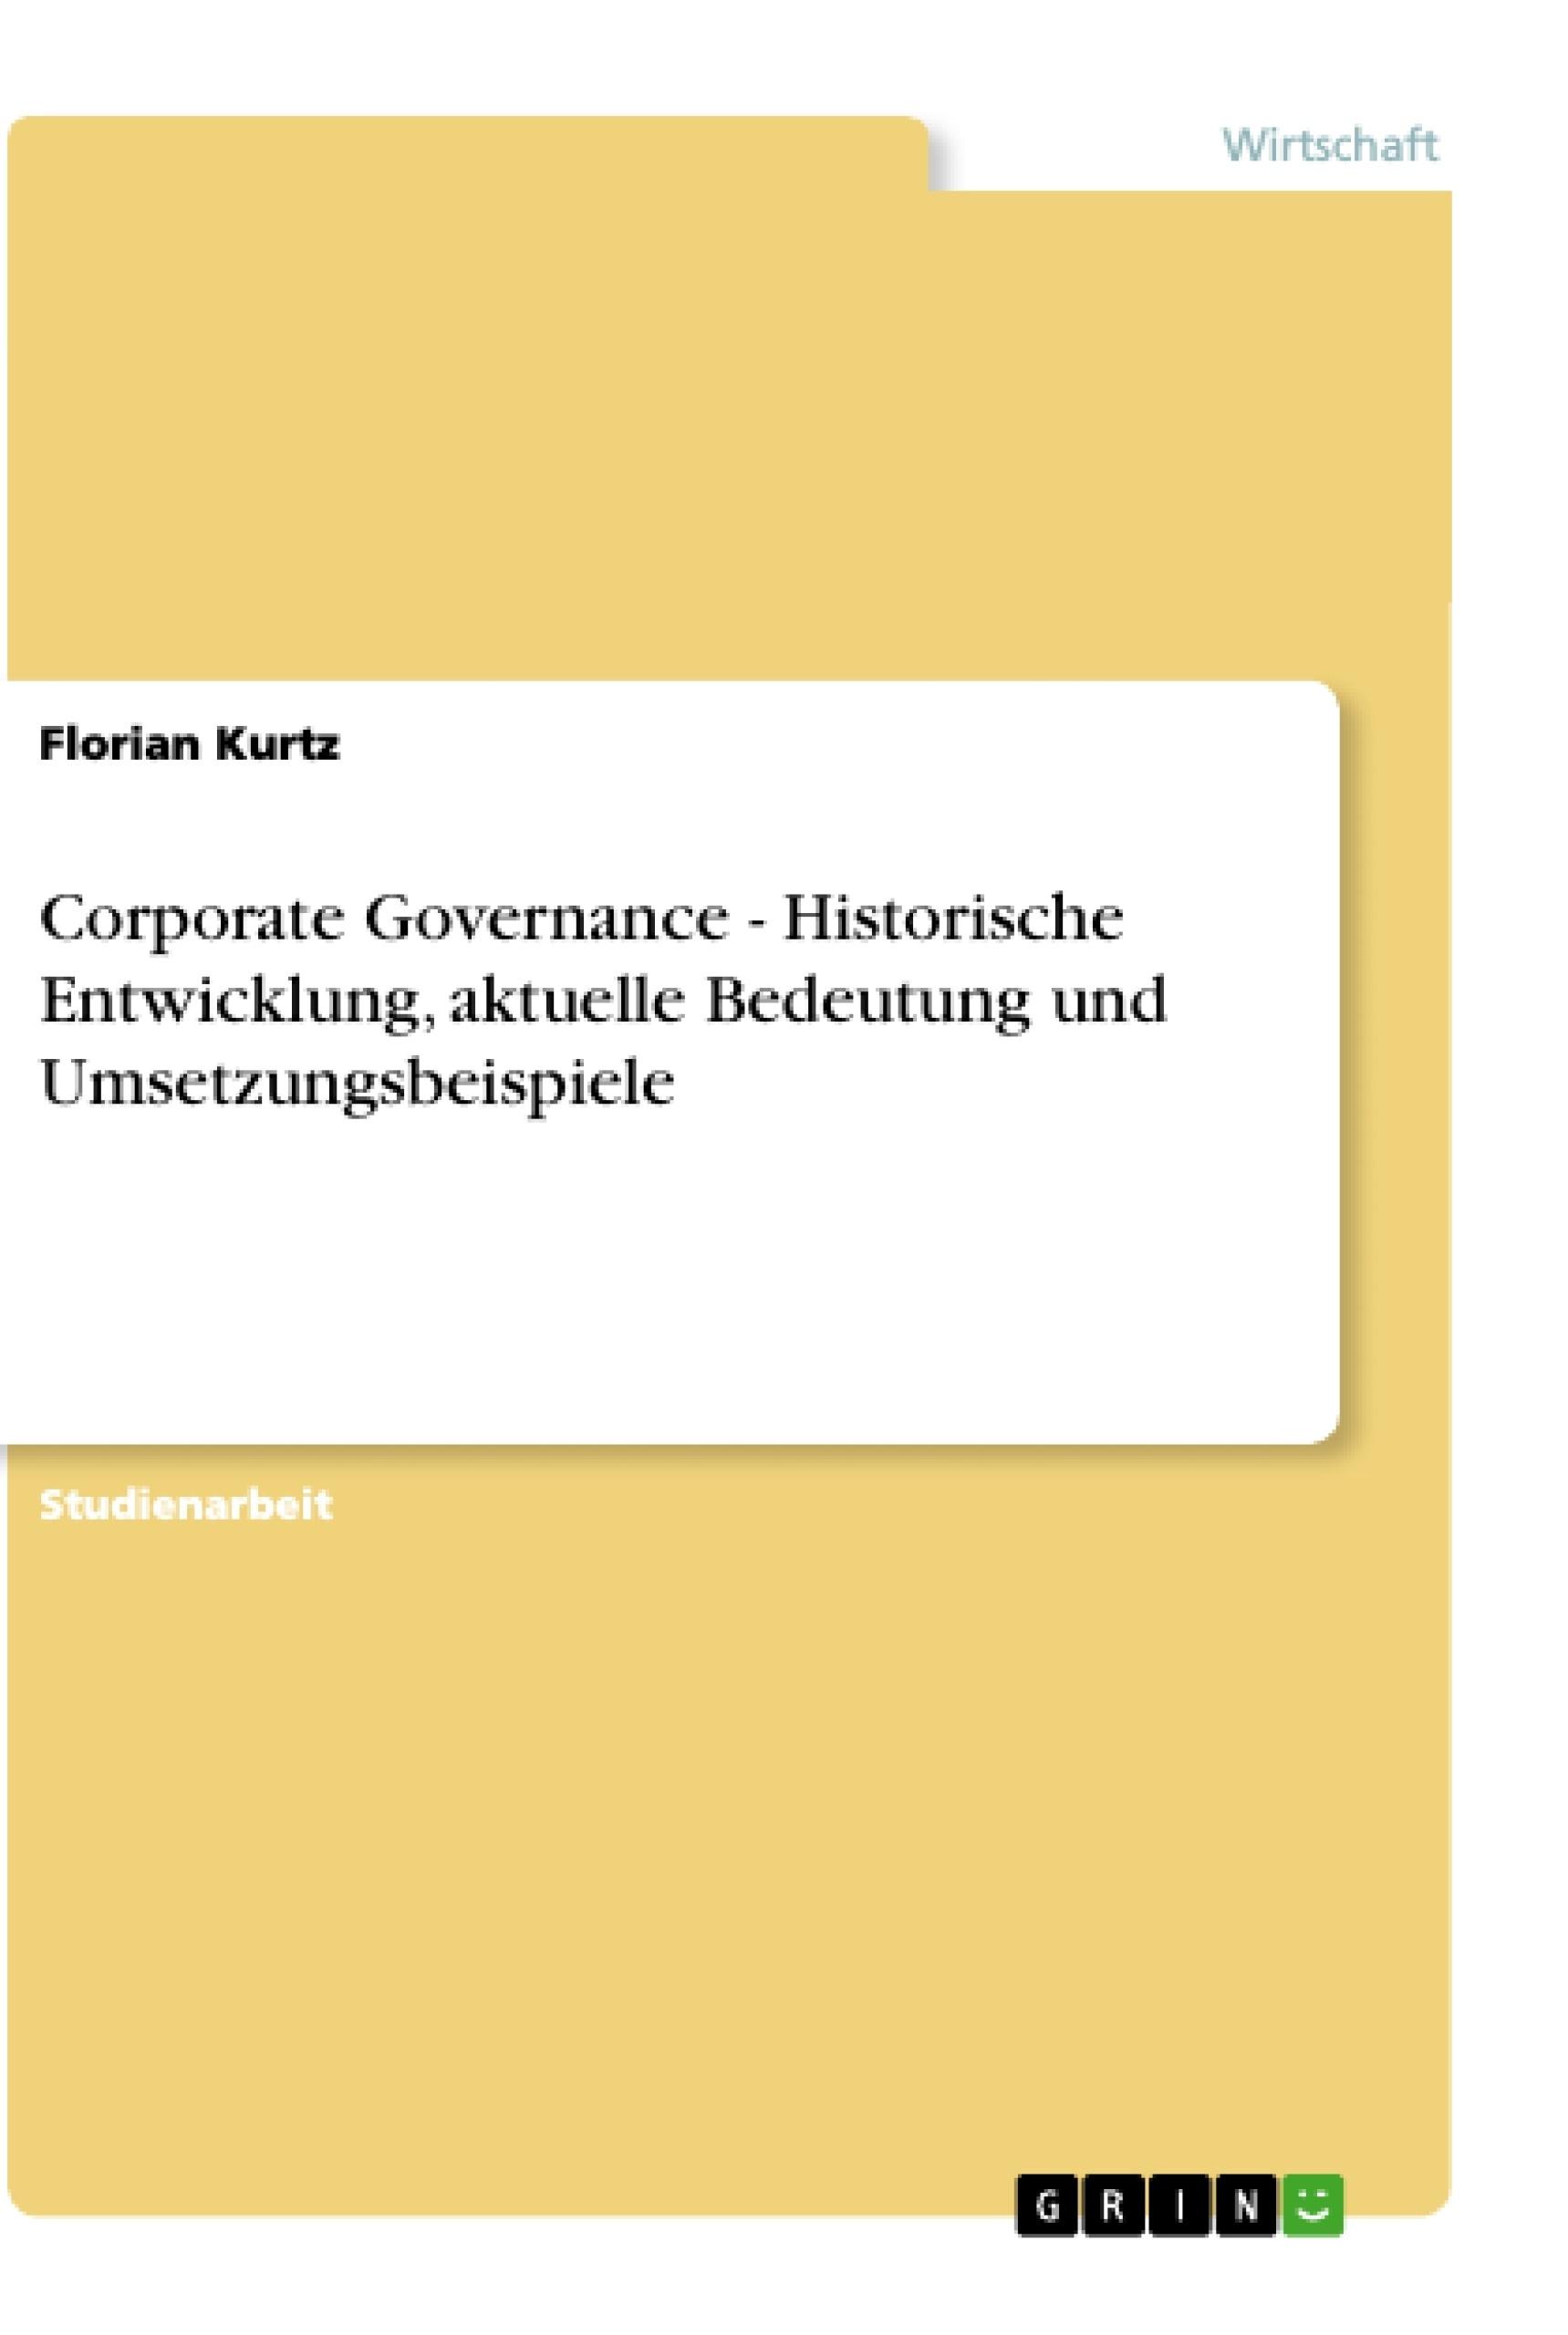 Titel: Corporate Governance - Historische Entwicklung, aktuelle Bedeutung und Umsetzungsbeispiele